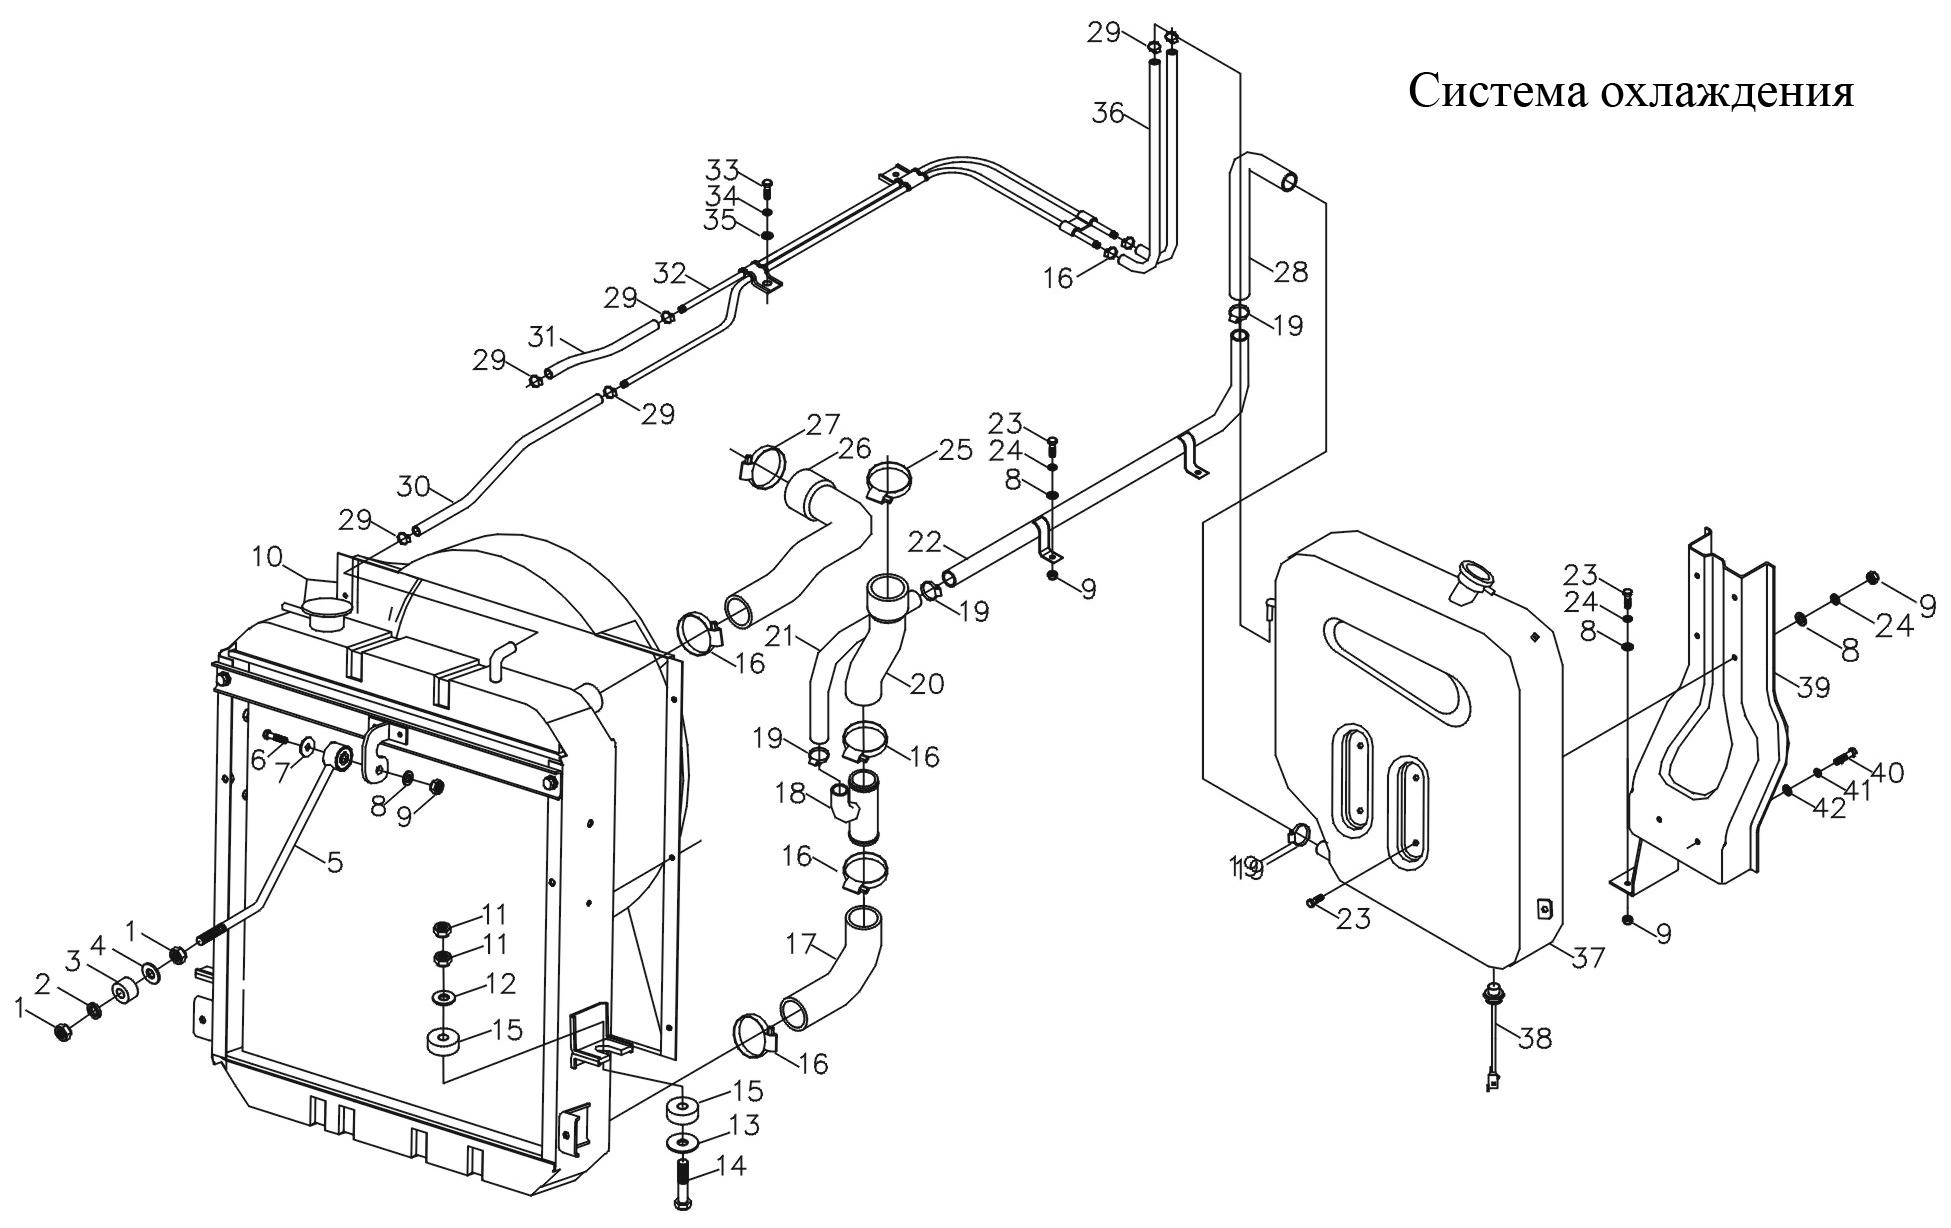 Схема автомобиля фотон